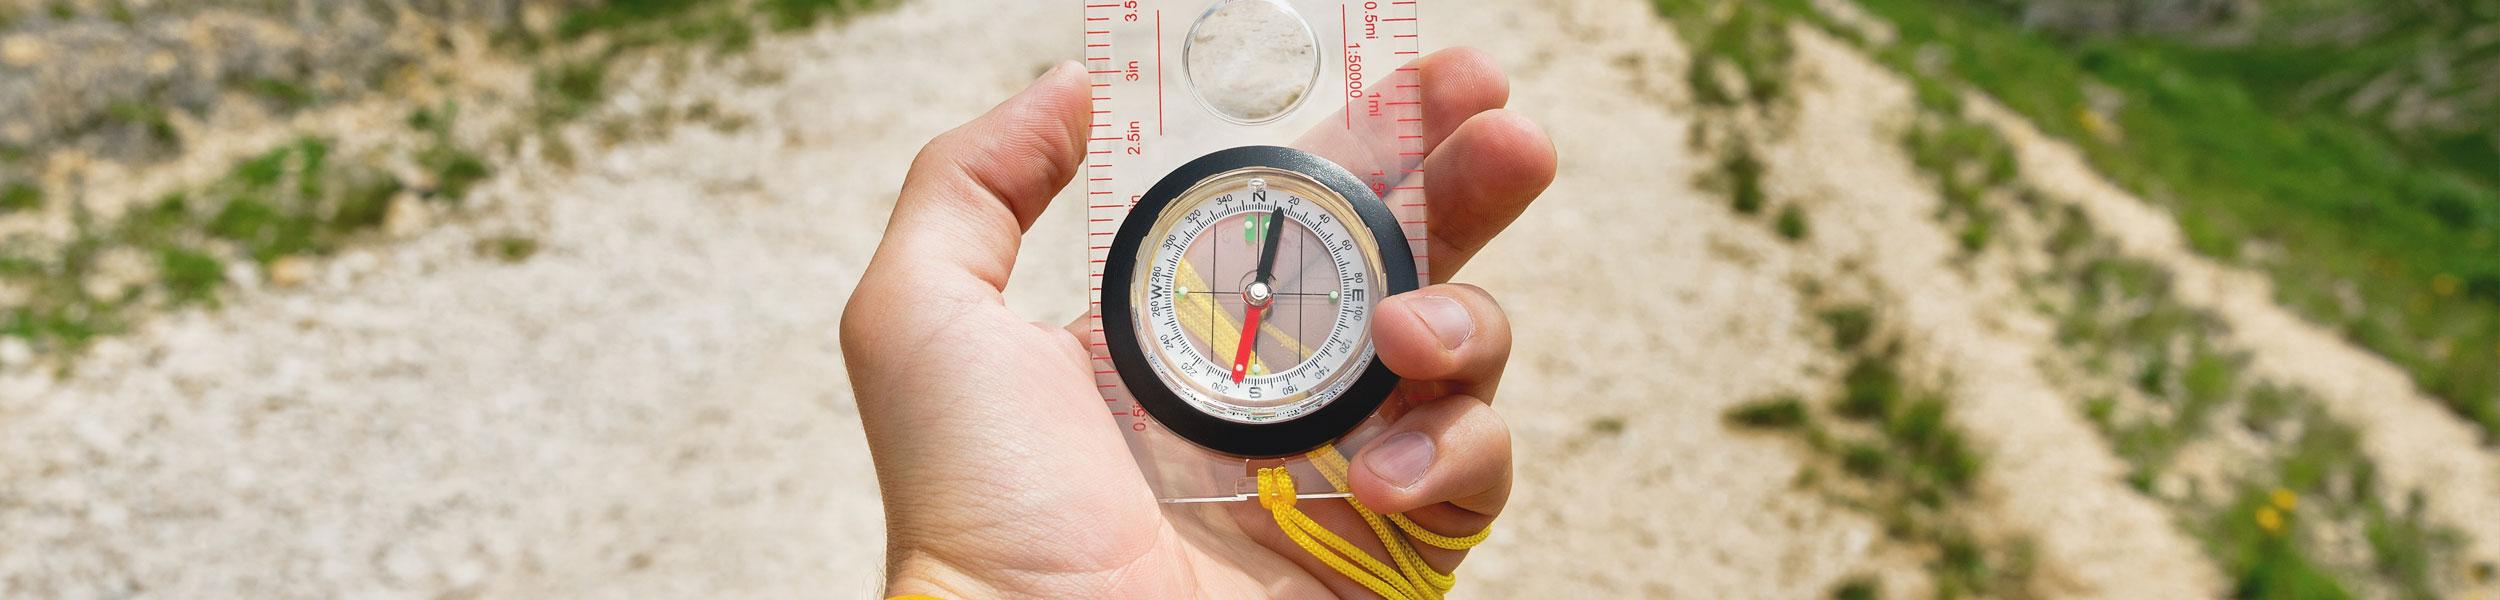 Hand die einen Kompass hält